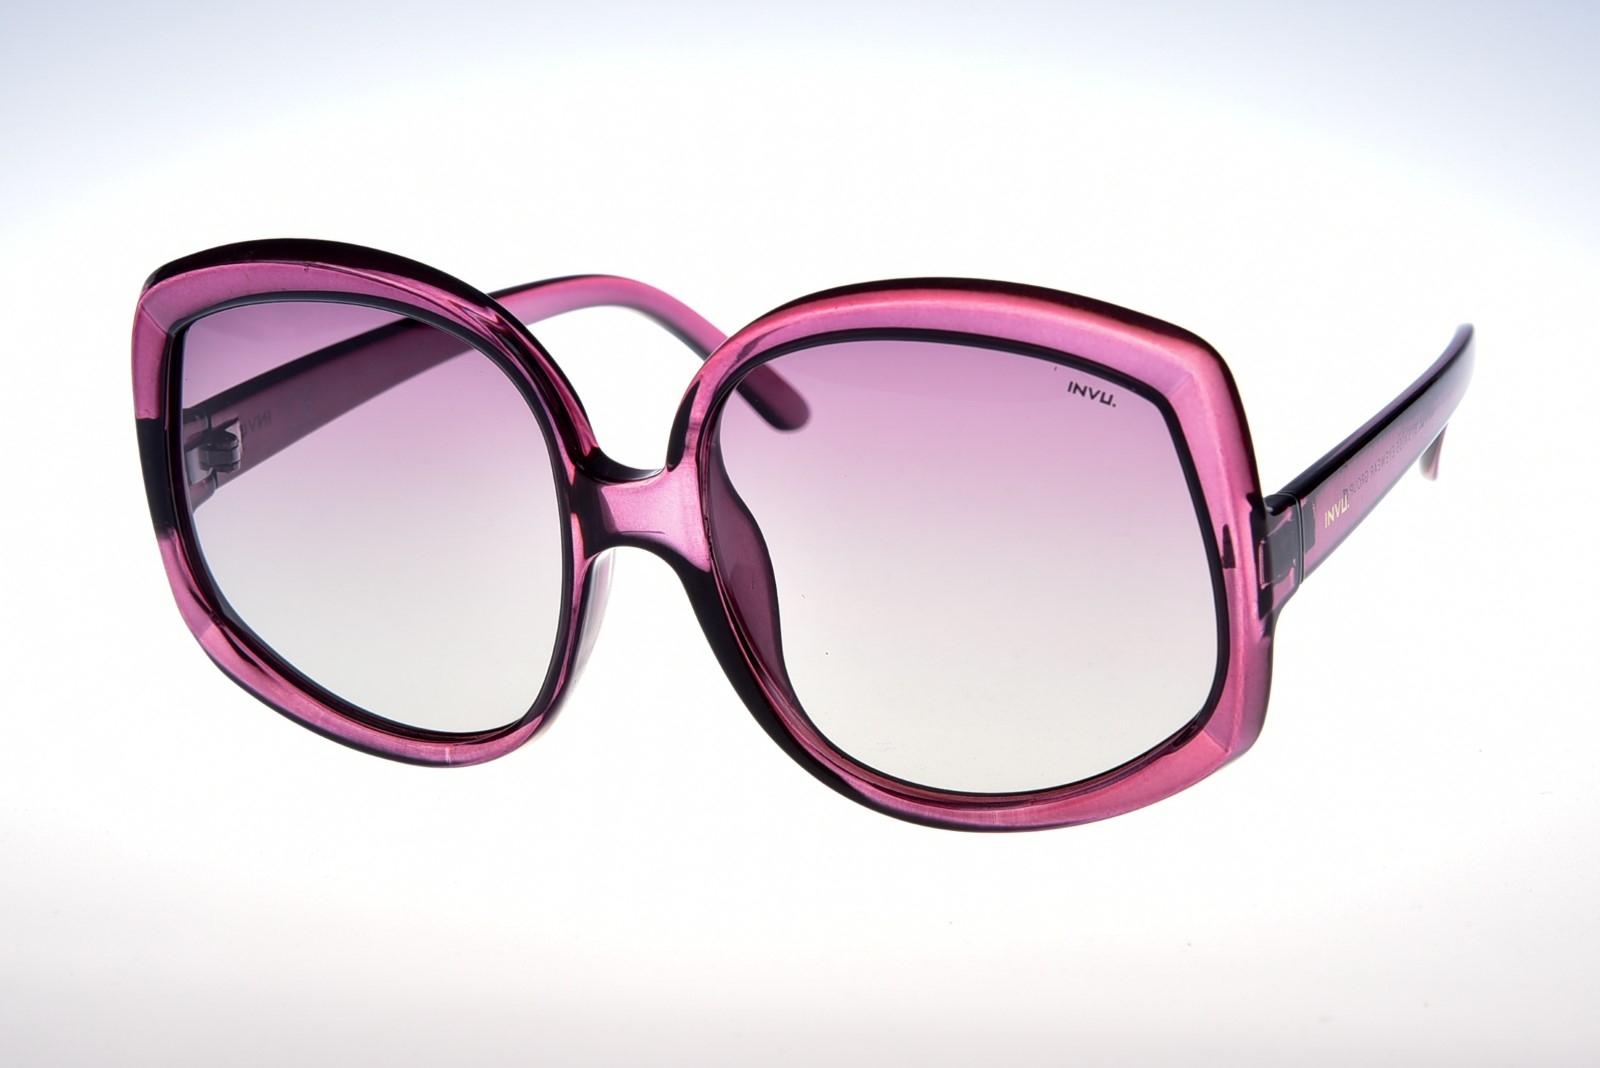 INVU. Trend T2003B - Dámske slnečné okuliare